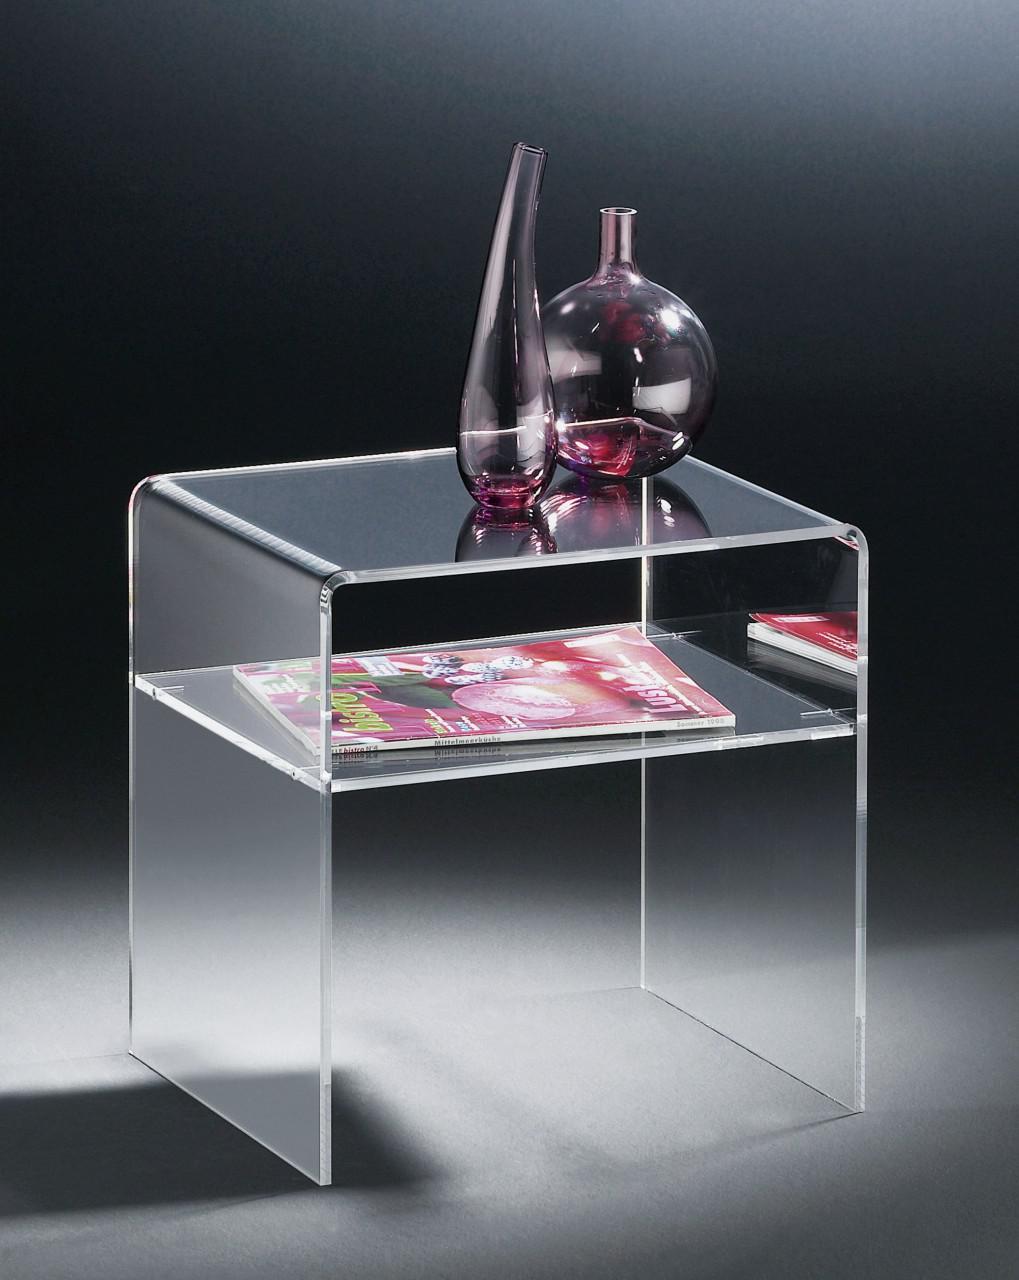 Attraktiv Glasbeistelltisch Foto Von Hochwertiger Acryl-glas Beistelltisch, Klar, 40 X 33